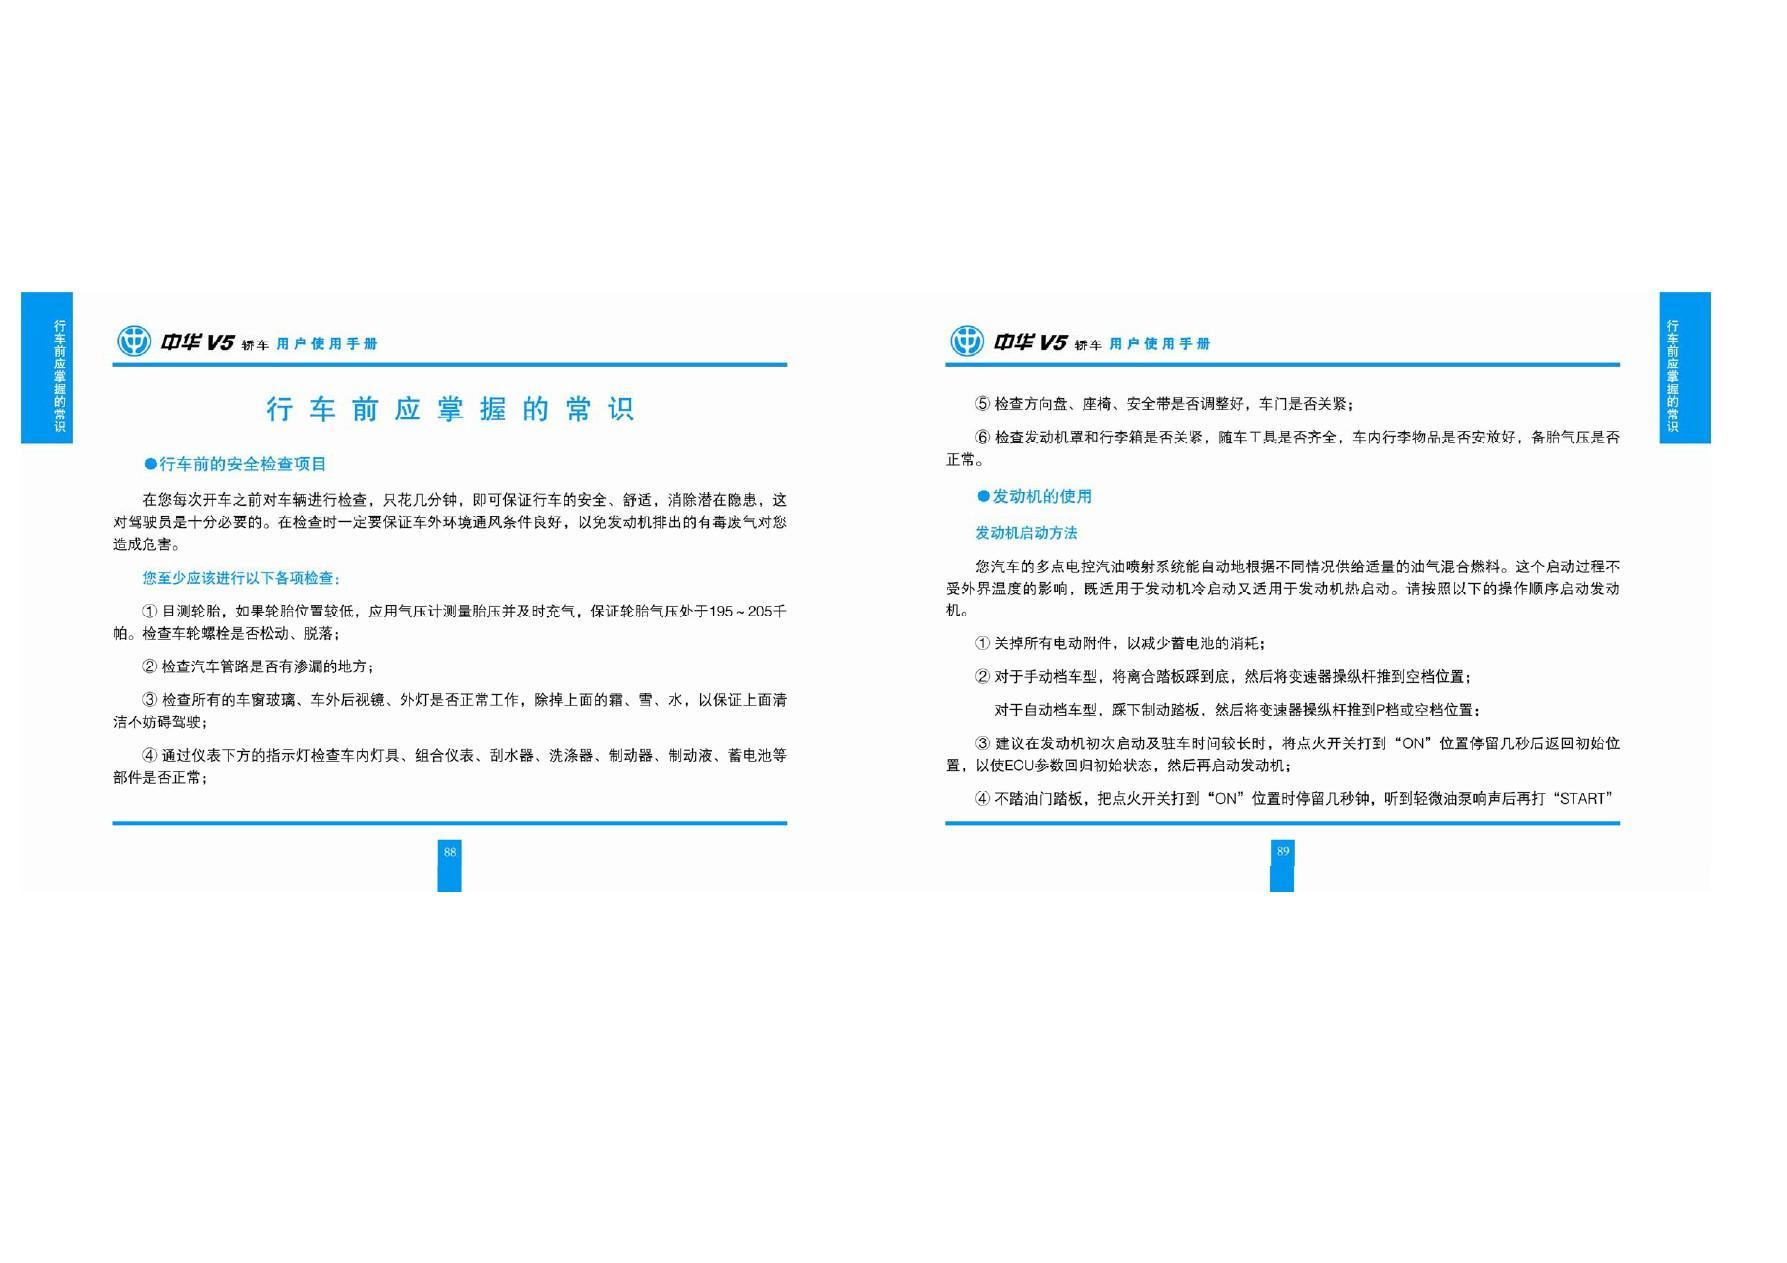 中华V5轿车用户使用手册(第二部分)